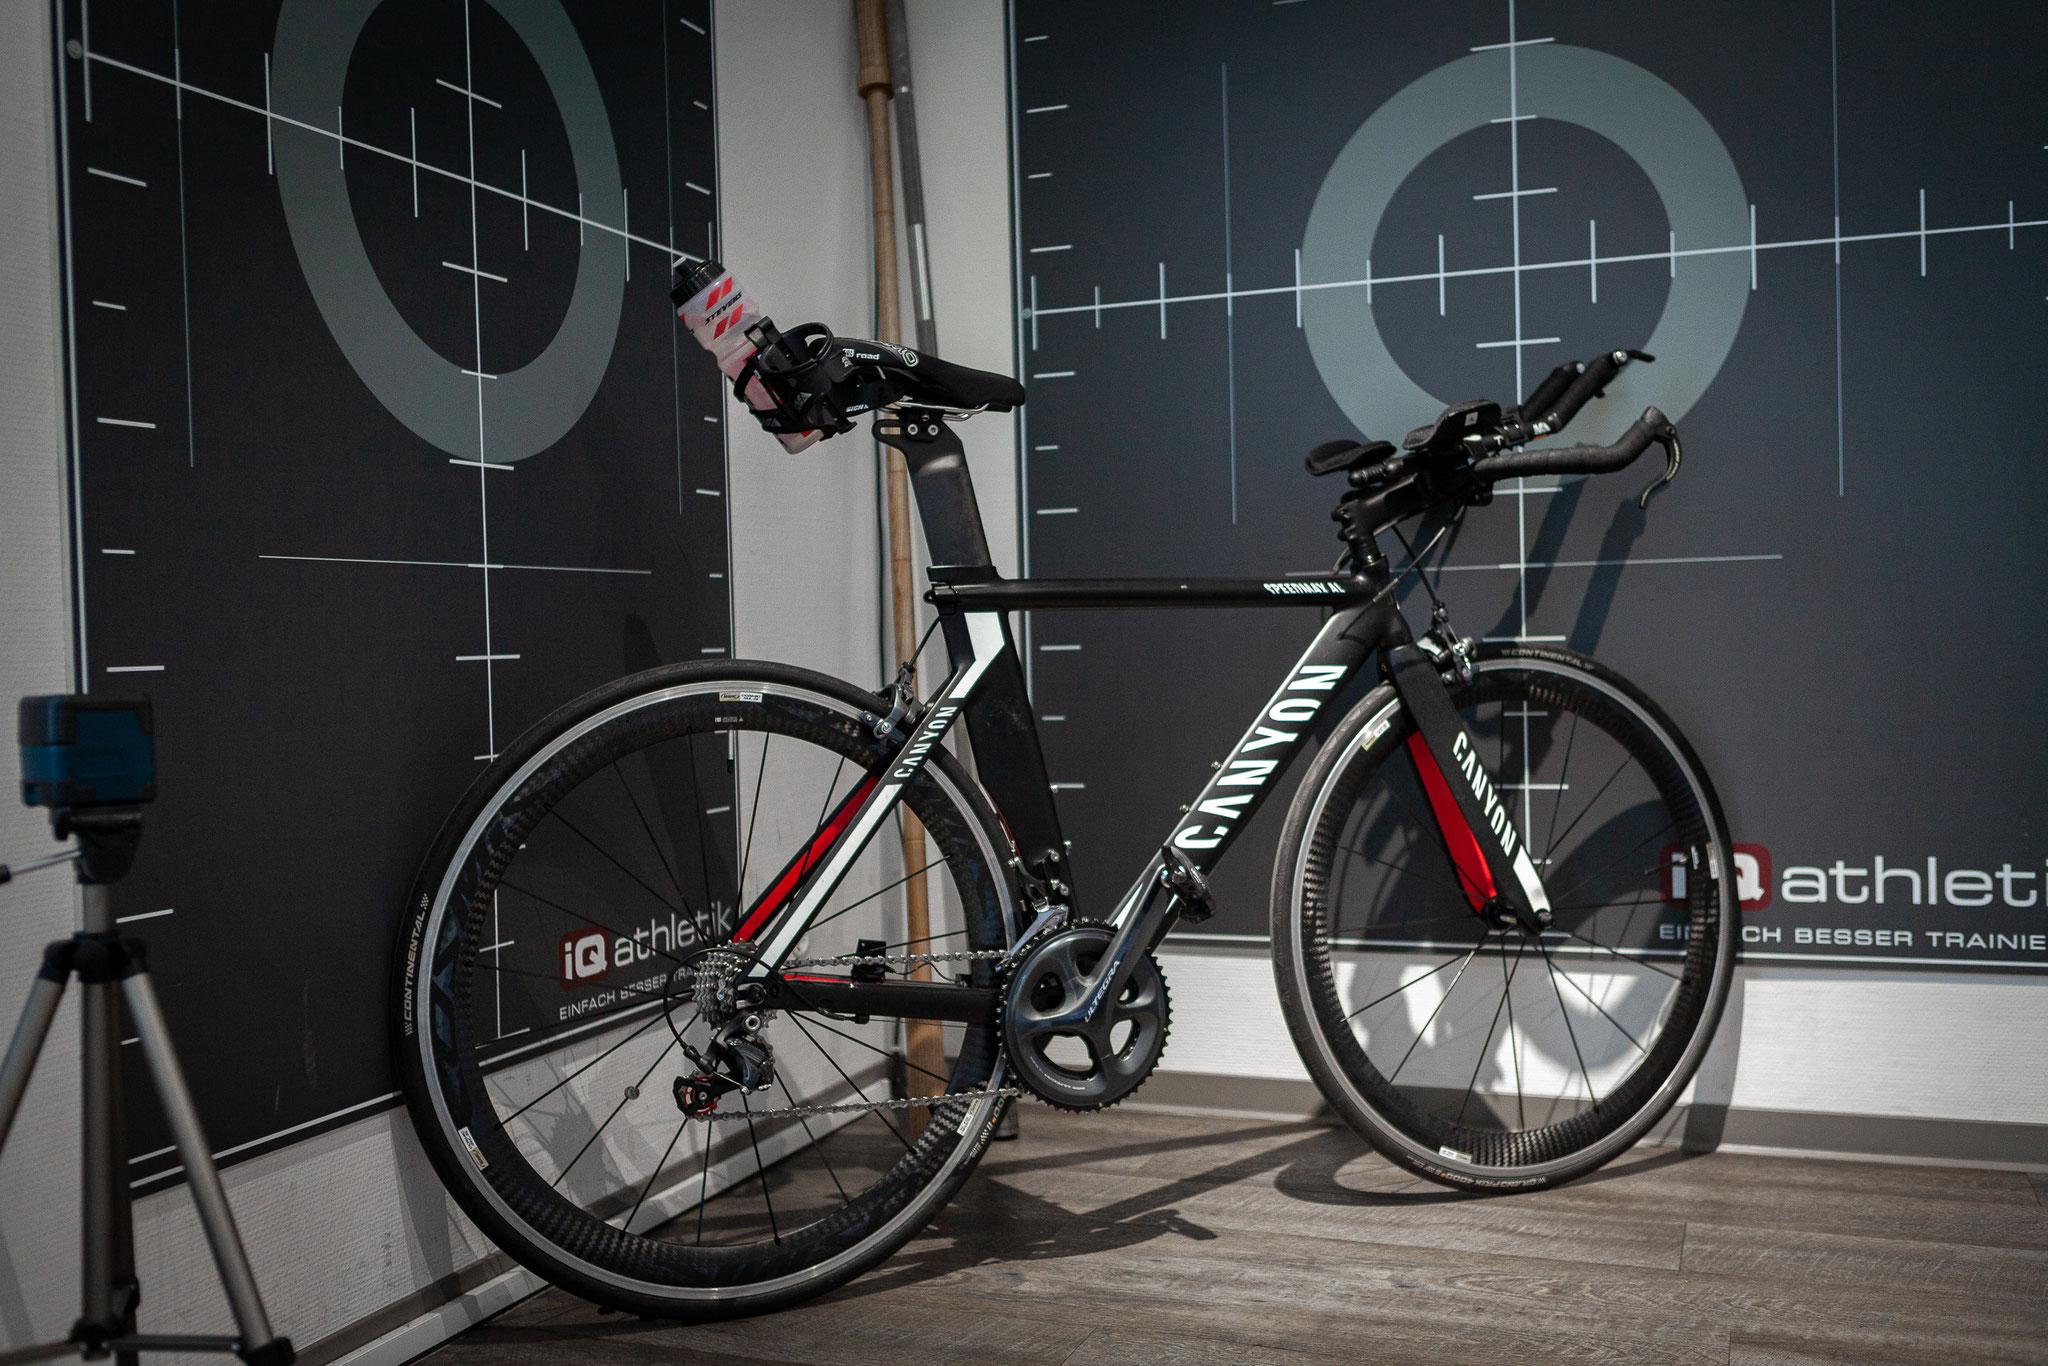 Triathlonrad im Bikefittinglabor (Foto: Nils Thies)